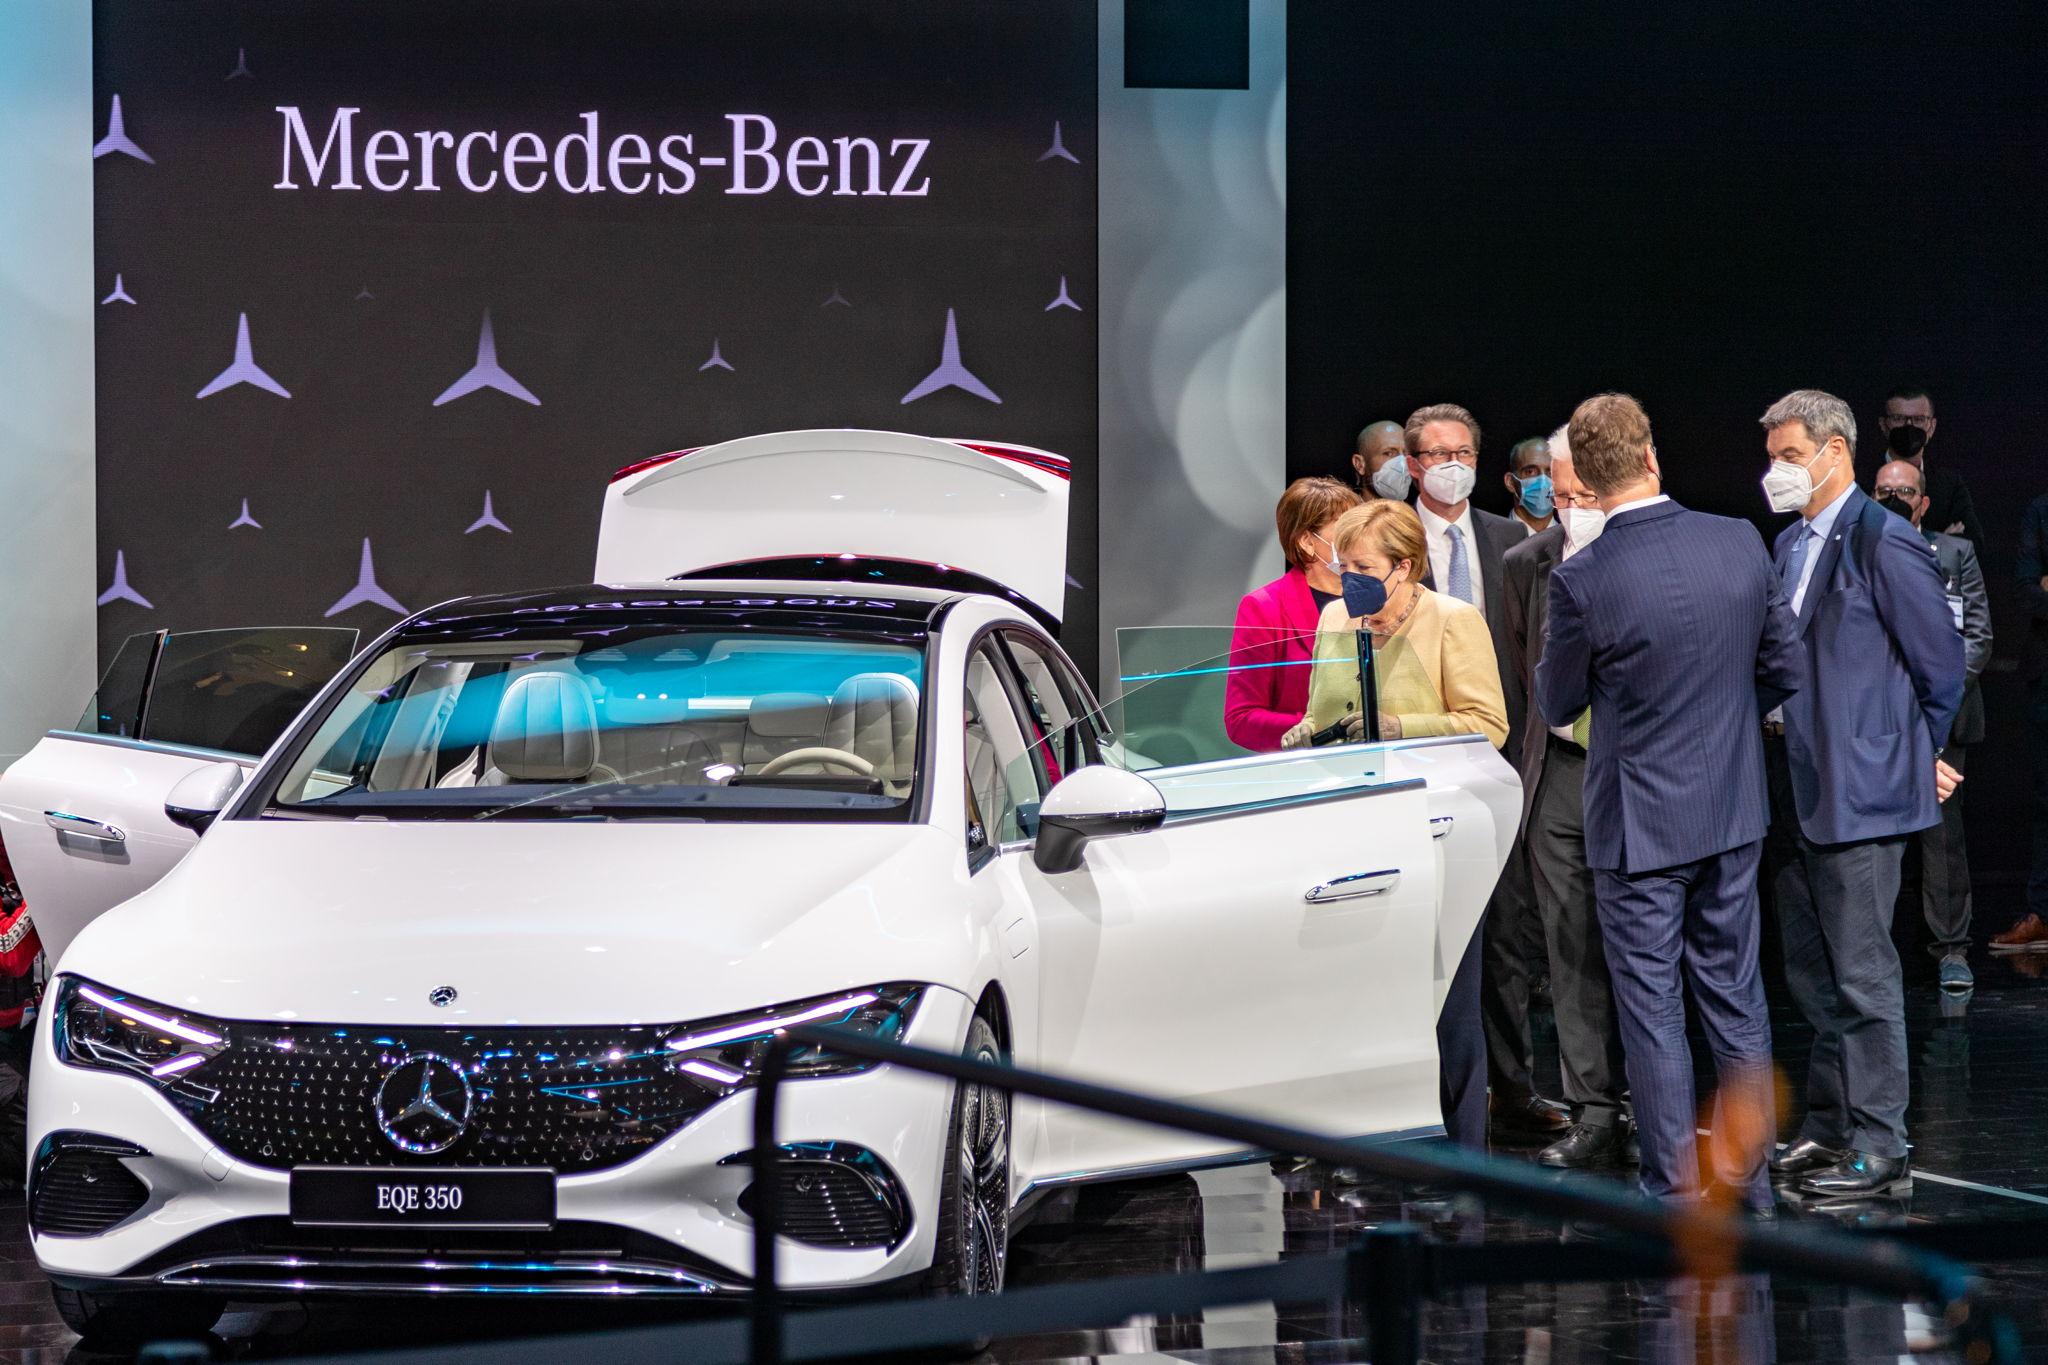 #MBIAA21: Kanzlerin Angela Merkel bei Messerundgang auch bei Mercedes